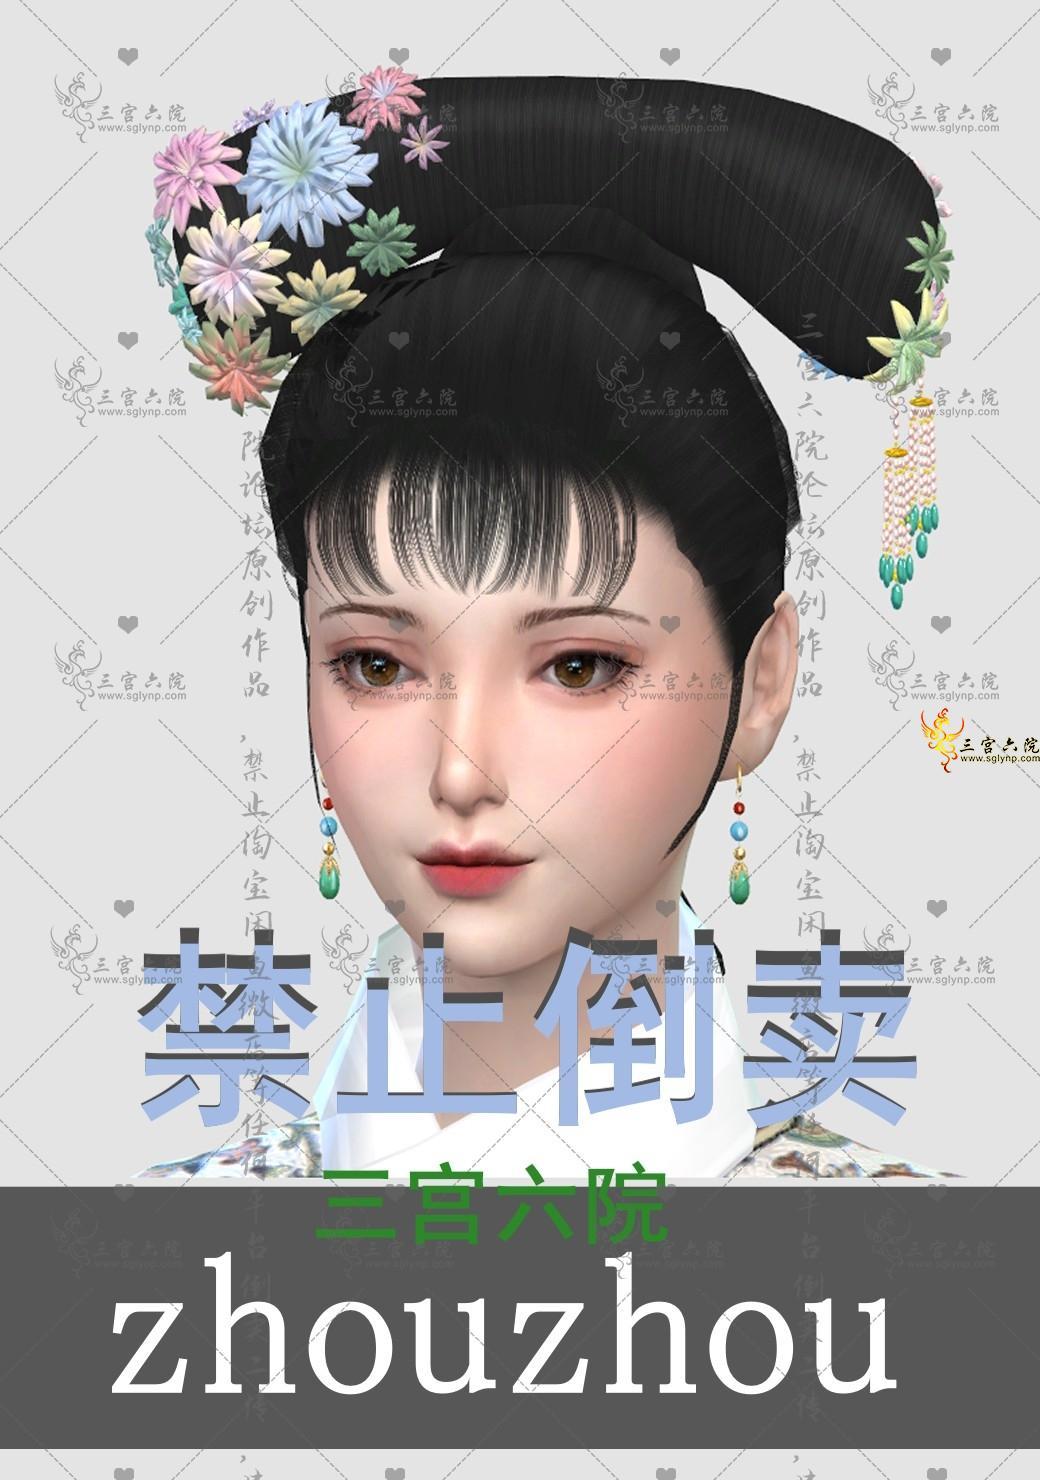 【清宫】甄嬛传嬛嬛小花花旗头